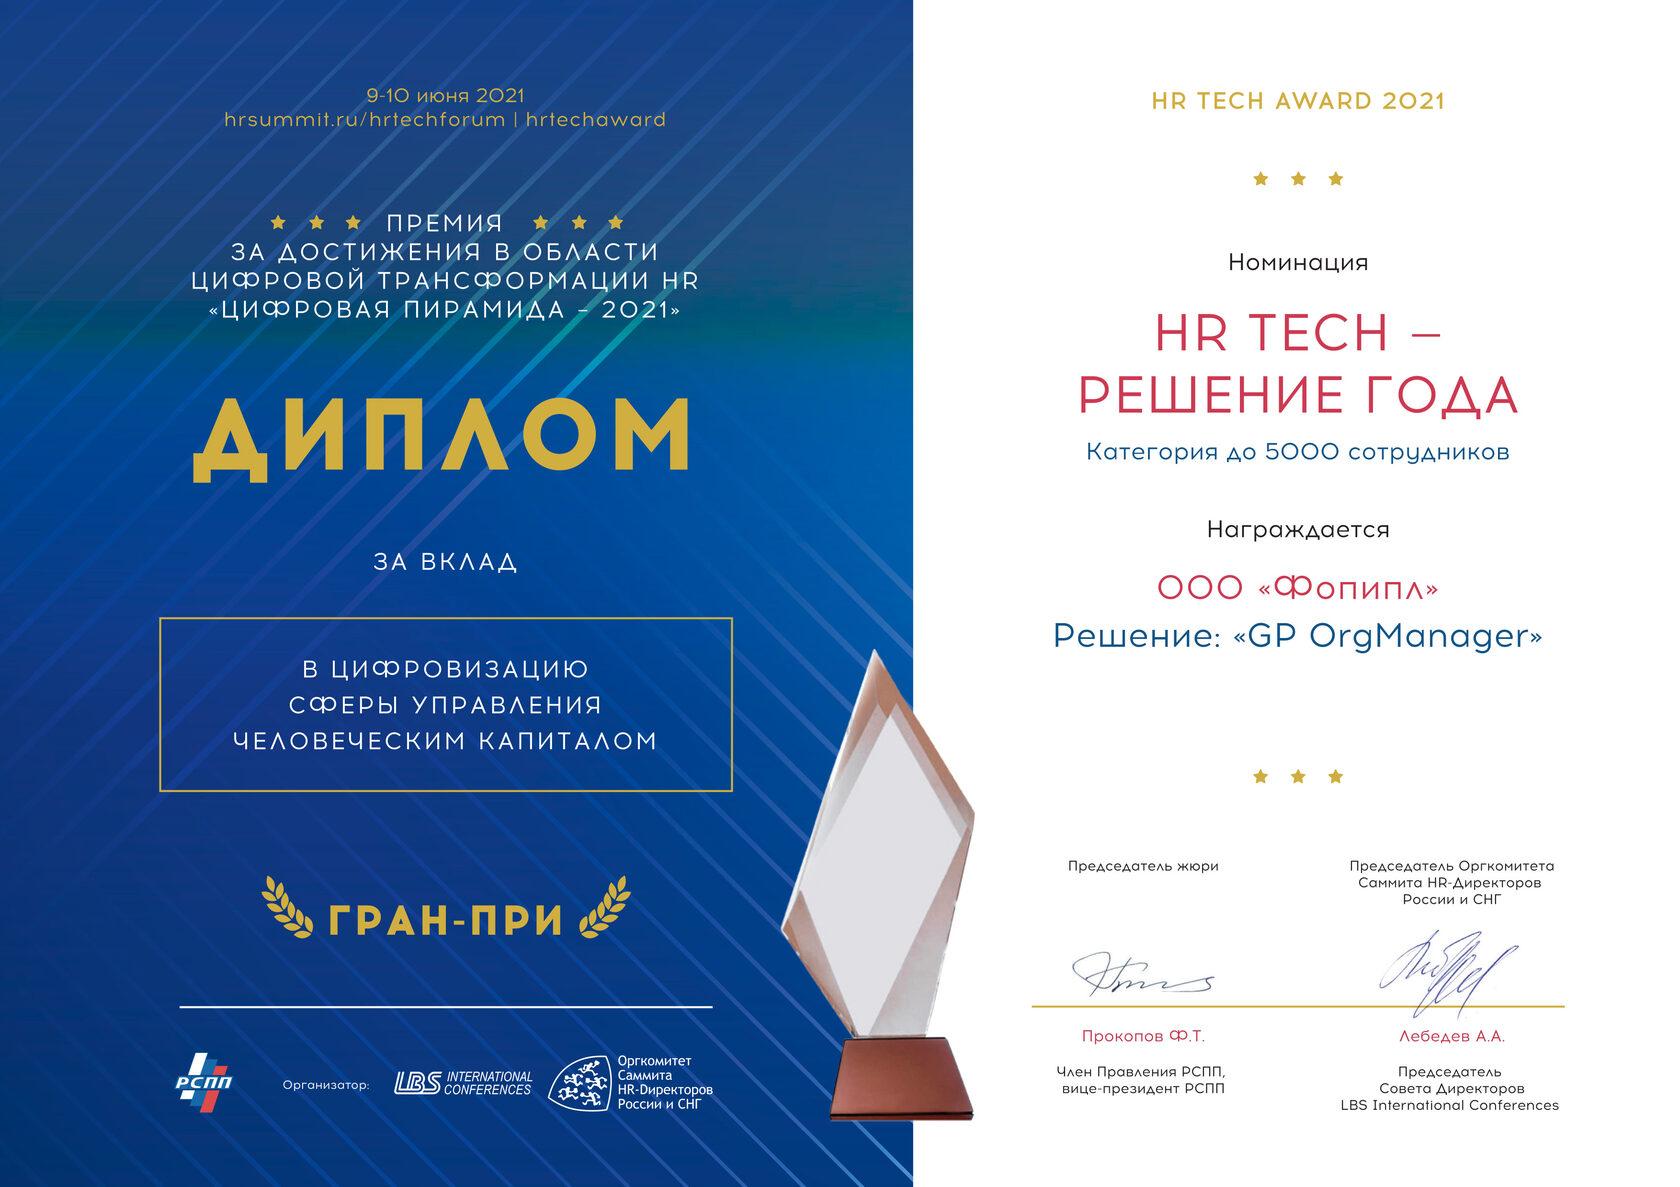 """На IX форуме по цифровой трансформации HR """" HR TECH FORUM & AWARD 2021"""" GP Org Manager победил в гран-при «HRTech-решение года»."""